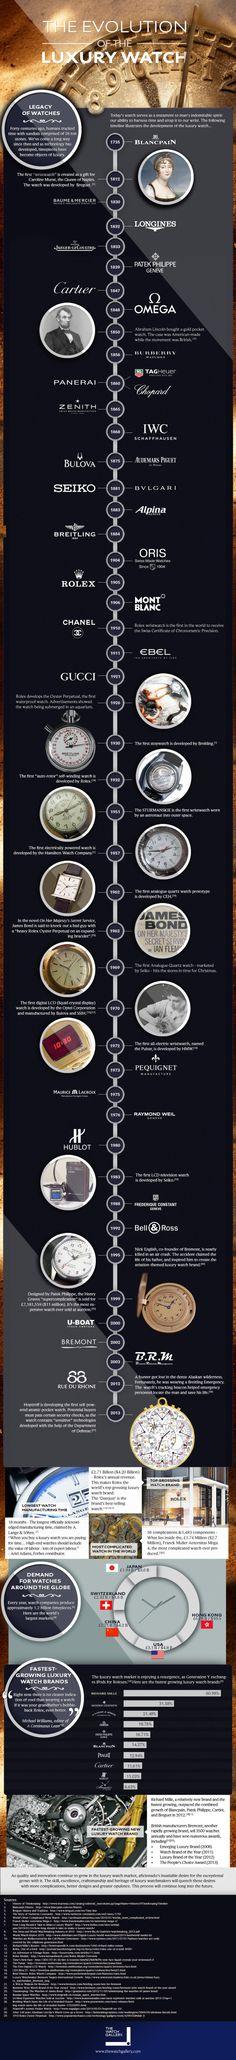 La evolución de los relojes de lujo #infographic